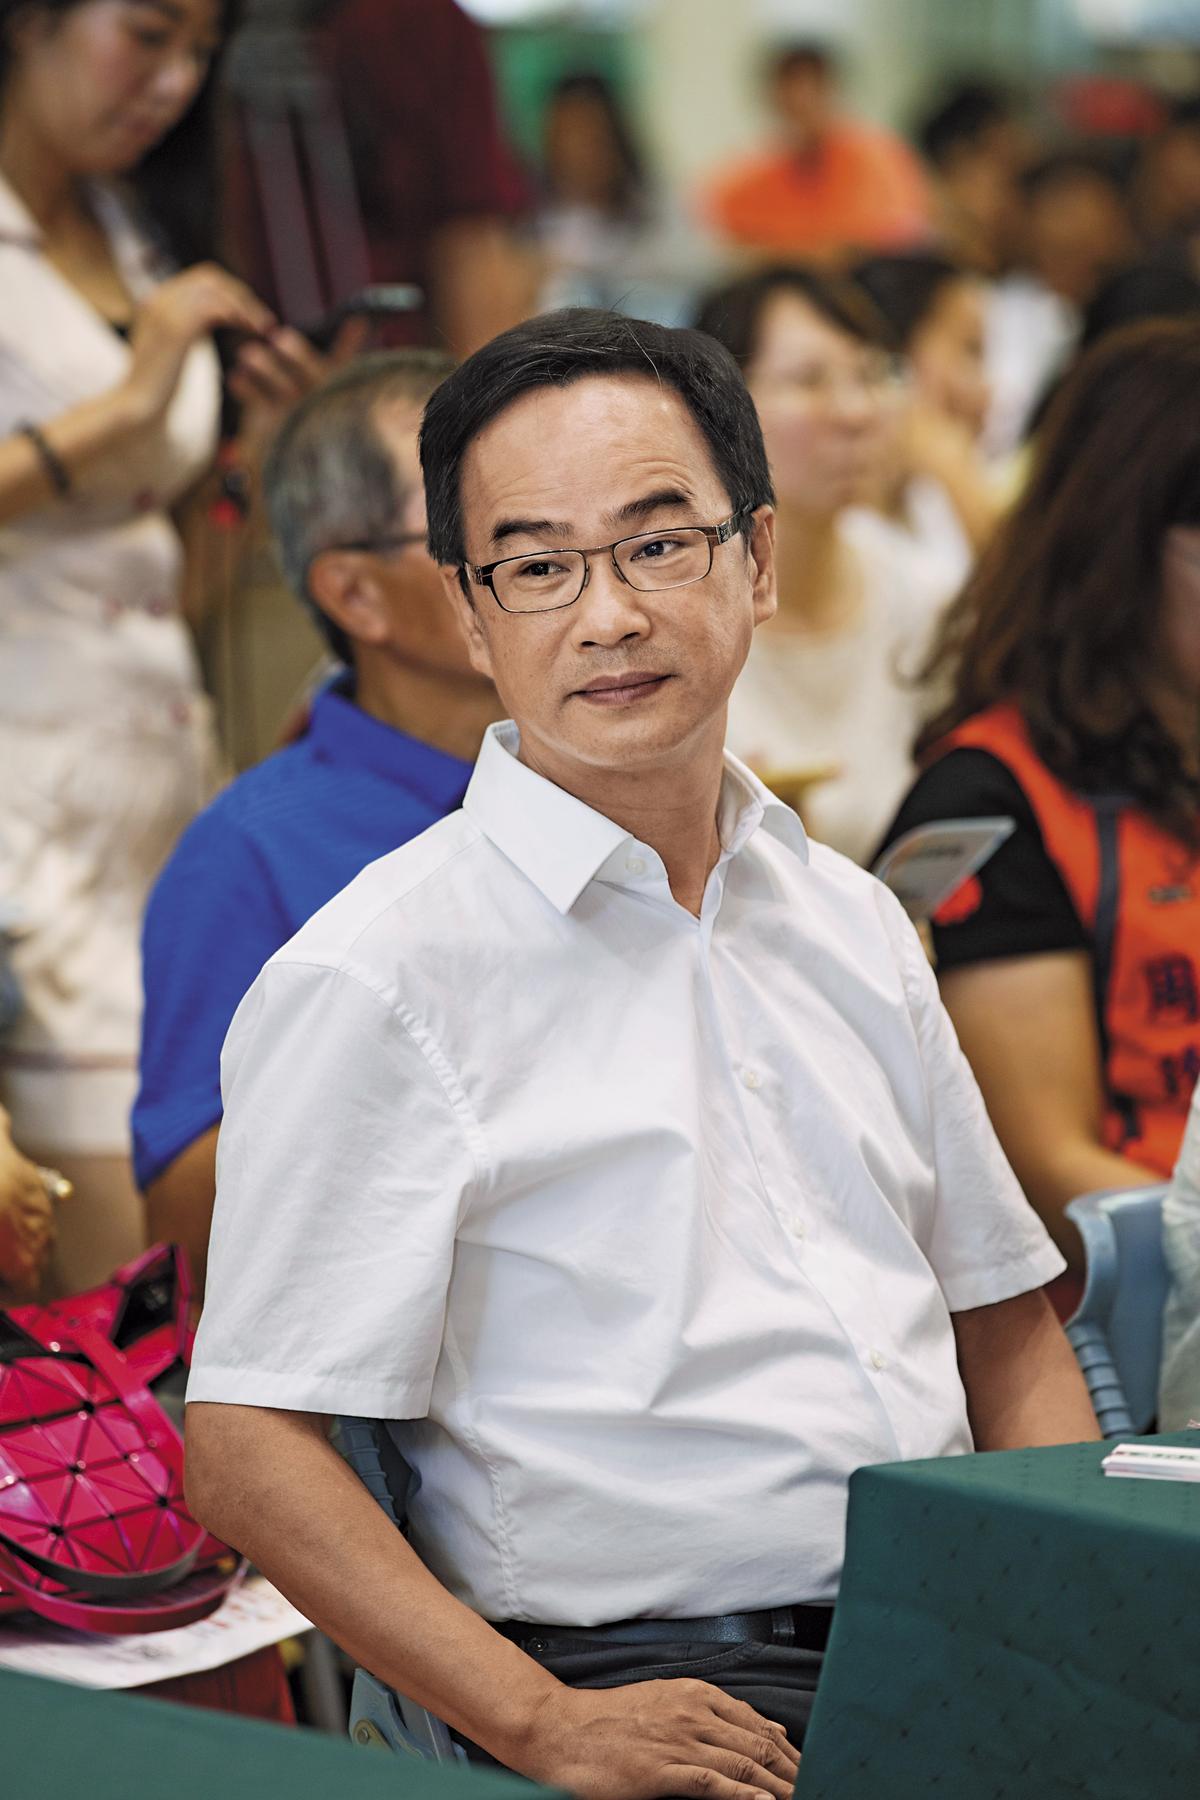 立委李昆澤曾於2014年就質詢航港局,針對老舊單殼油輪修正入港禁令,但時隔多年修法仍未完備。